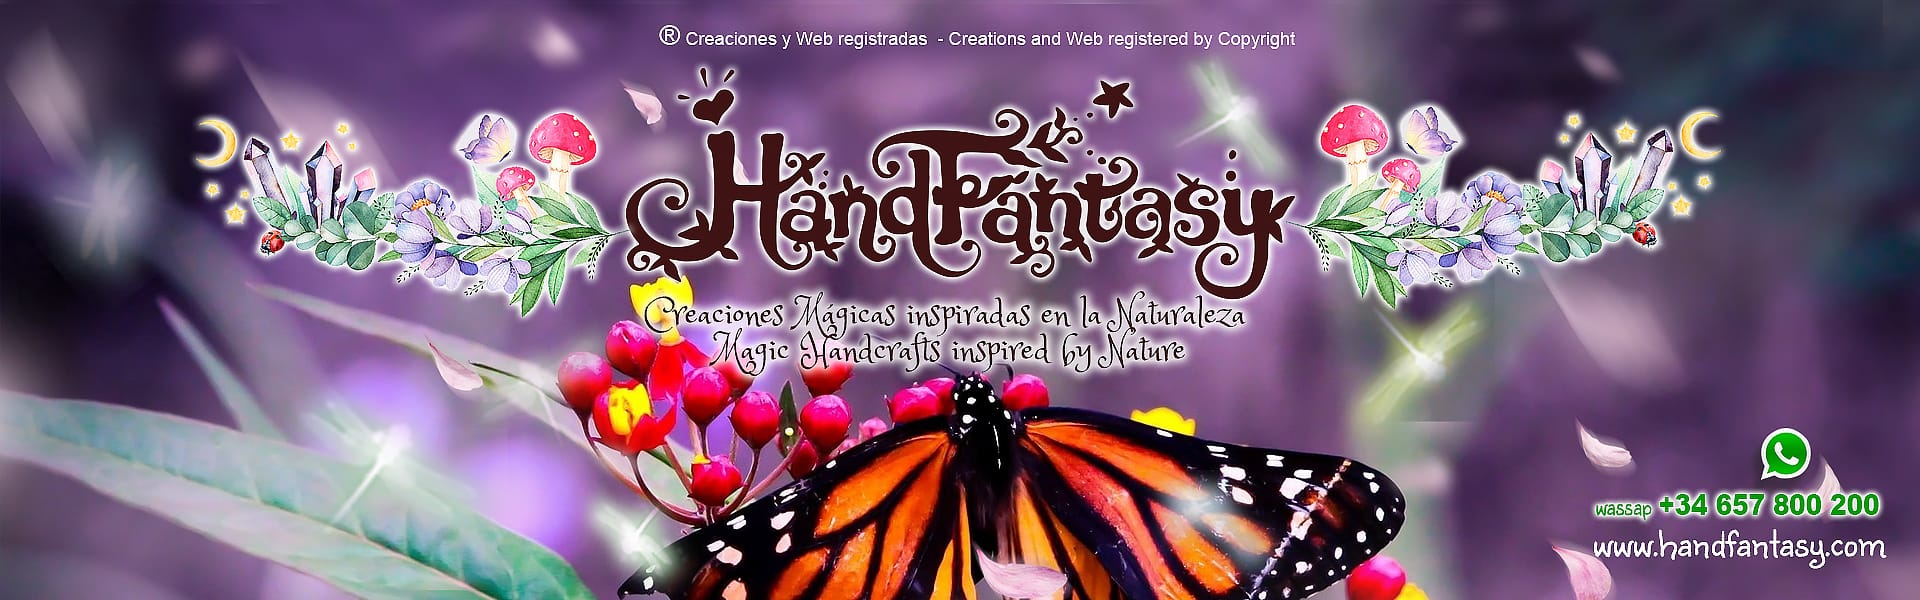 artesanía de hadas, ooak faeries, fairy crafts, artisanat de fées